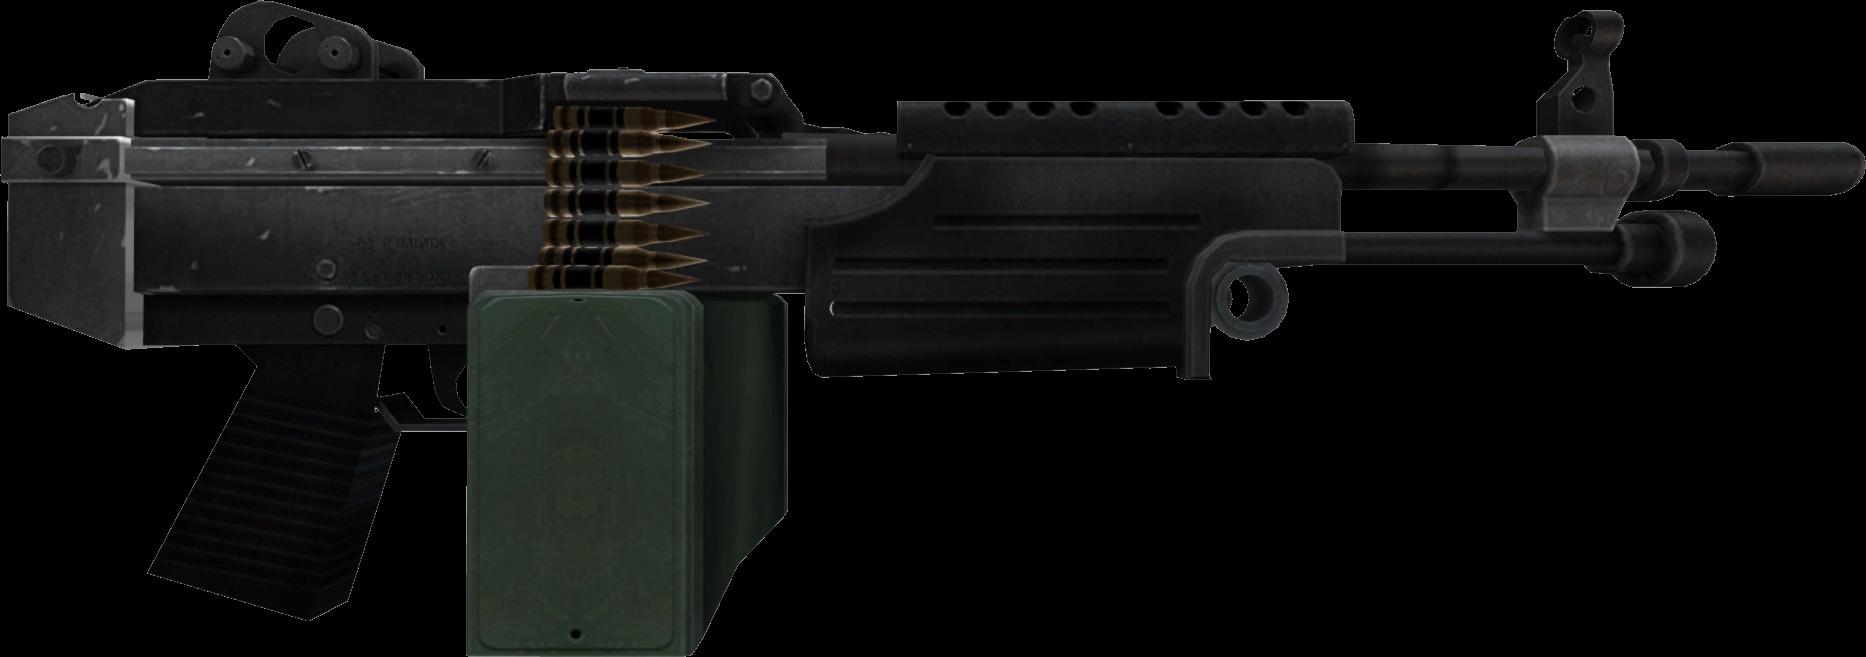 Guns submachine gun